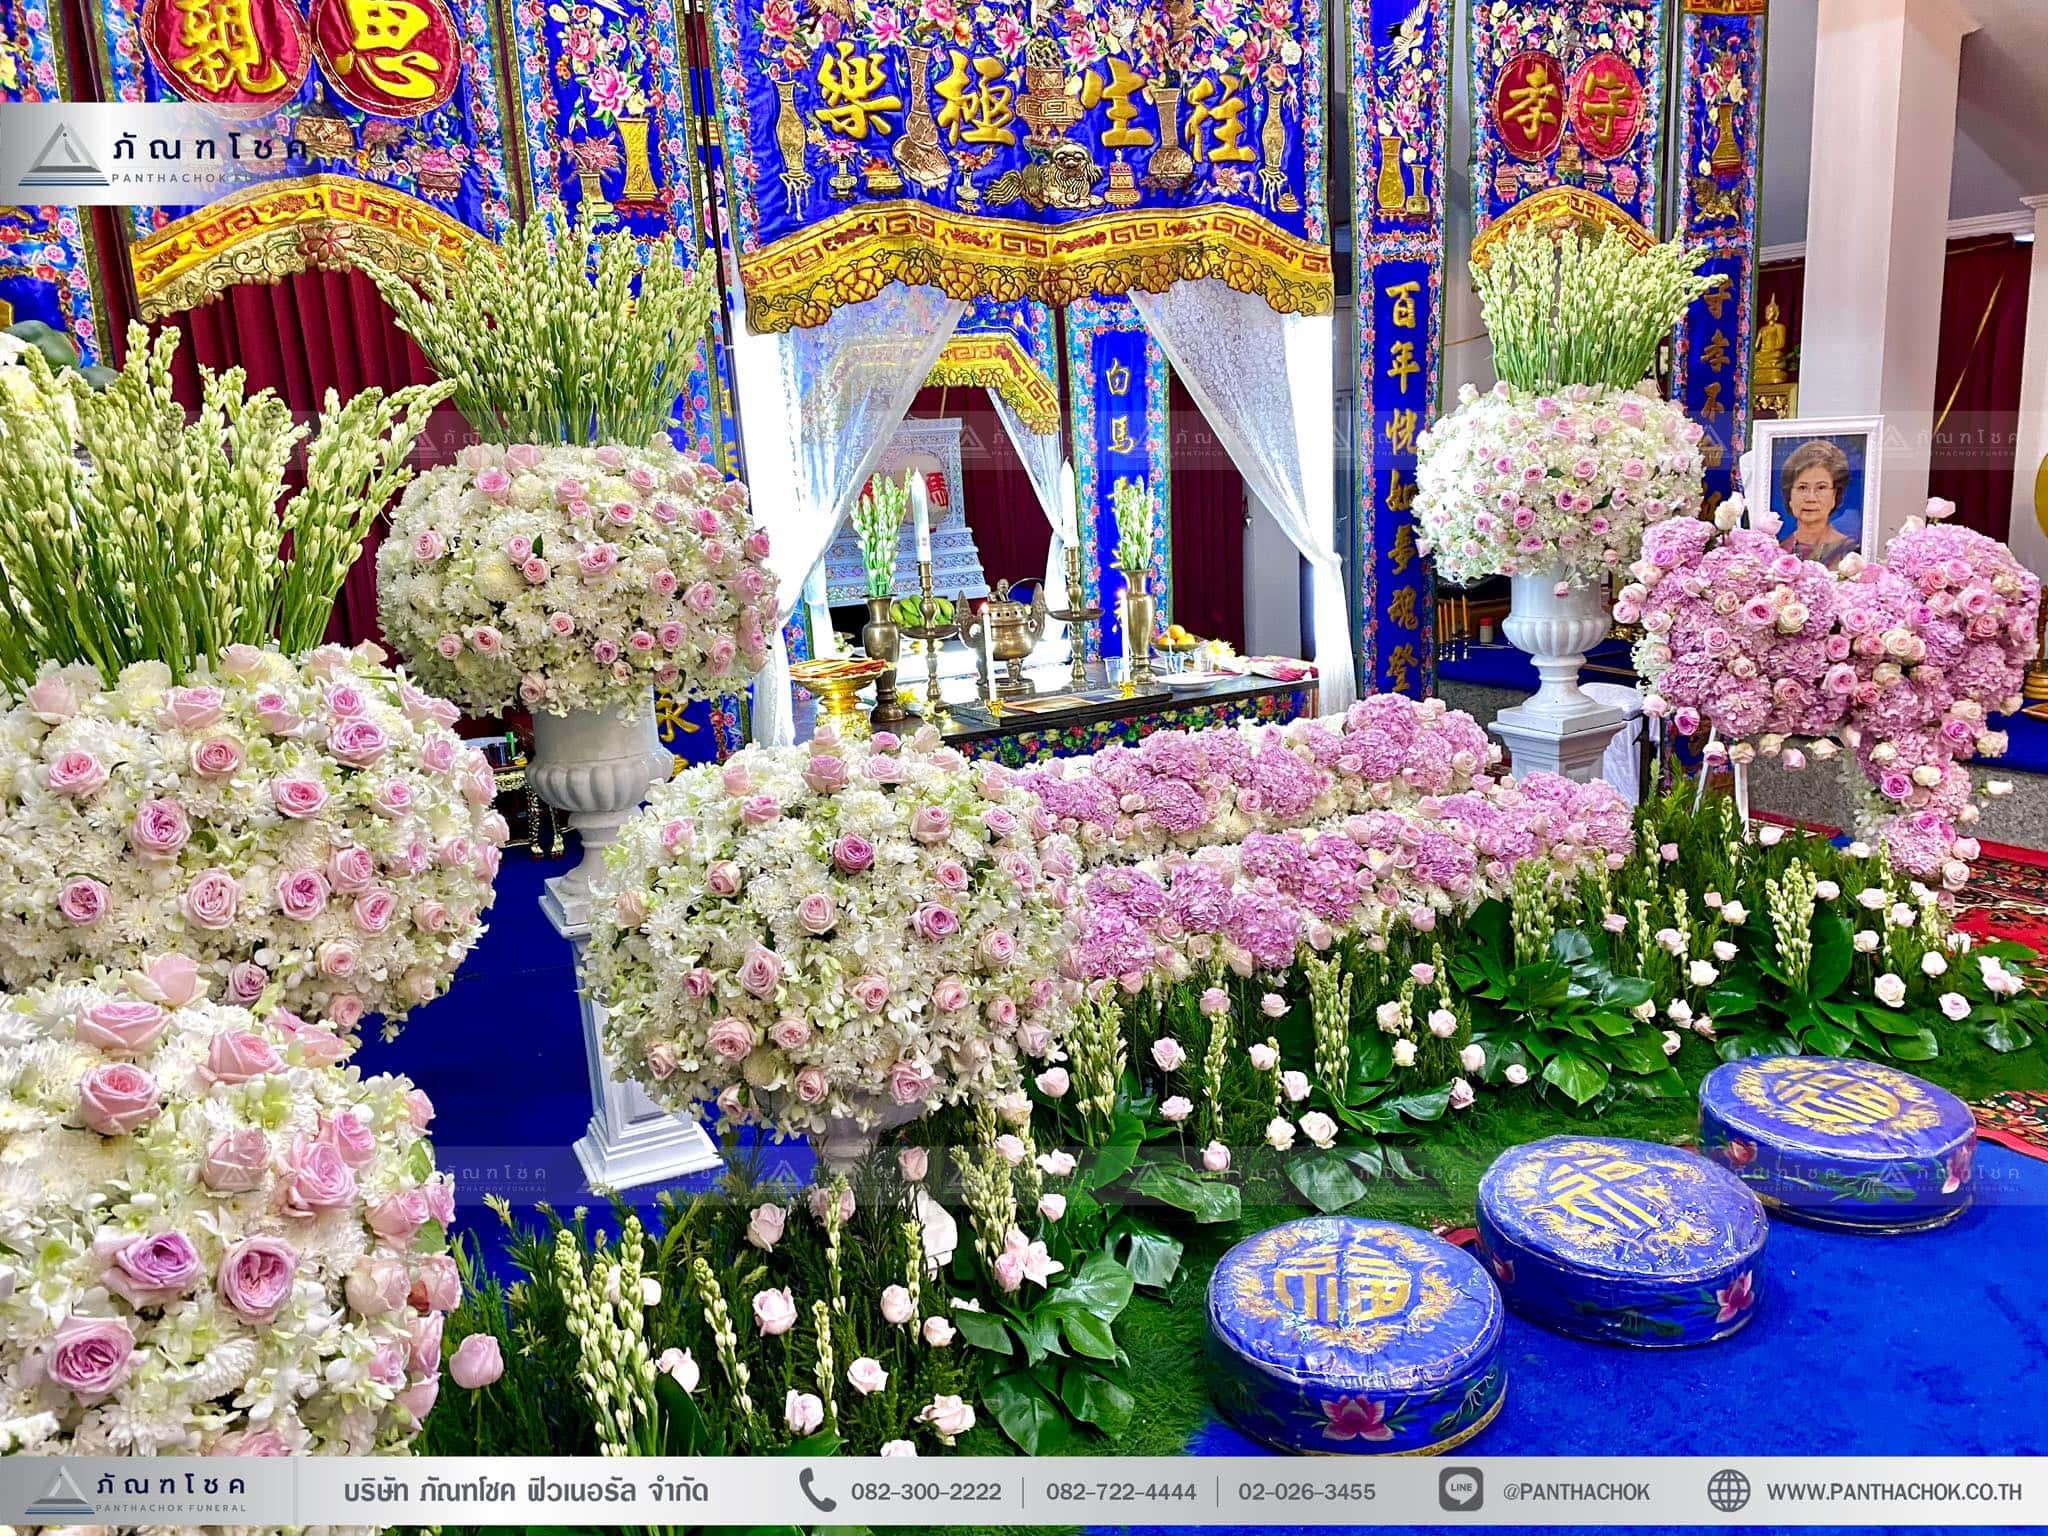 โลงศพประดับด้วยดอกไม้จากต่างประเทศ จัดดอกไม้ตลอด24ชม.